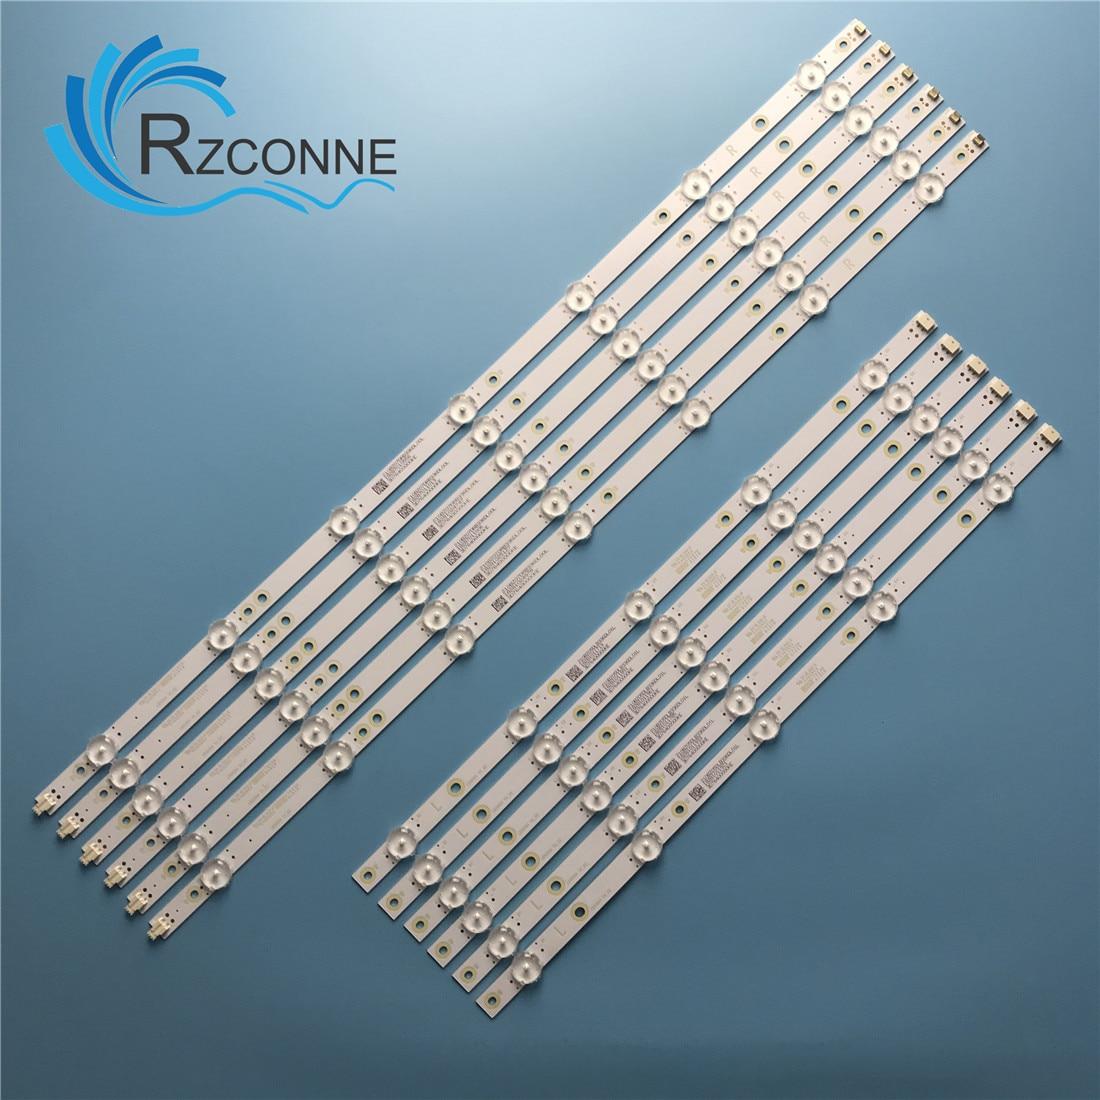 1005mm-de-tira-de-led-para-iluminacion-trasera-12-lampara-para-vizio-50-''tv-d50f-f1-lb50094-v0_02-v1_02